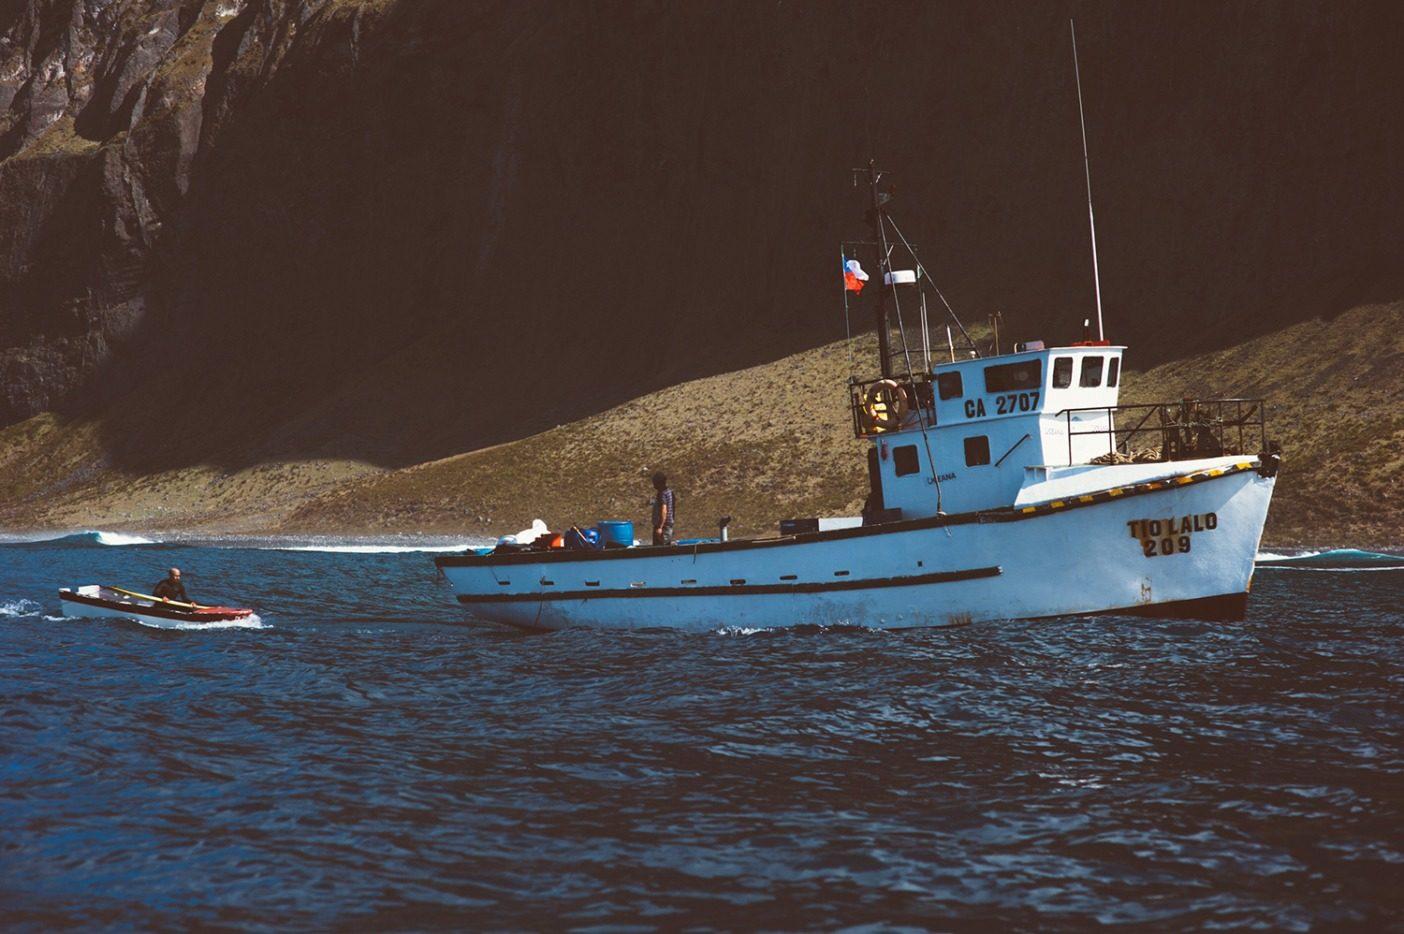 レアと仲間をアレハンドロ・セルカーク島に運ぶ補給船ティオ・ラロ。惑星で最も遠隔地にある、サーフィンのできる島のひとつ。写真:Daniel Russo